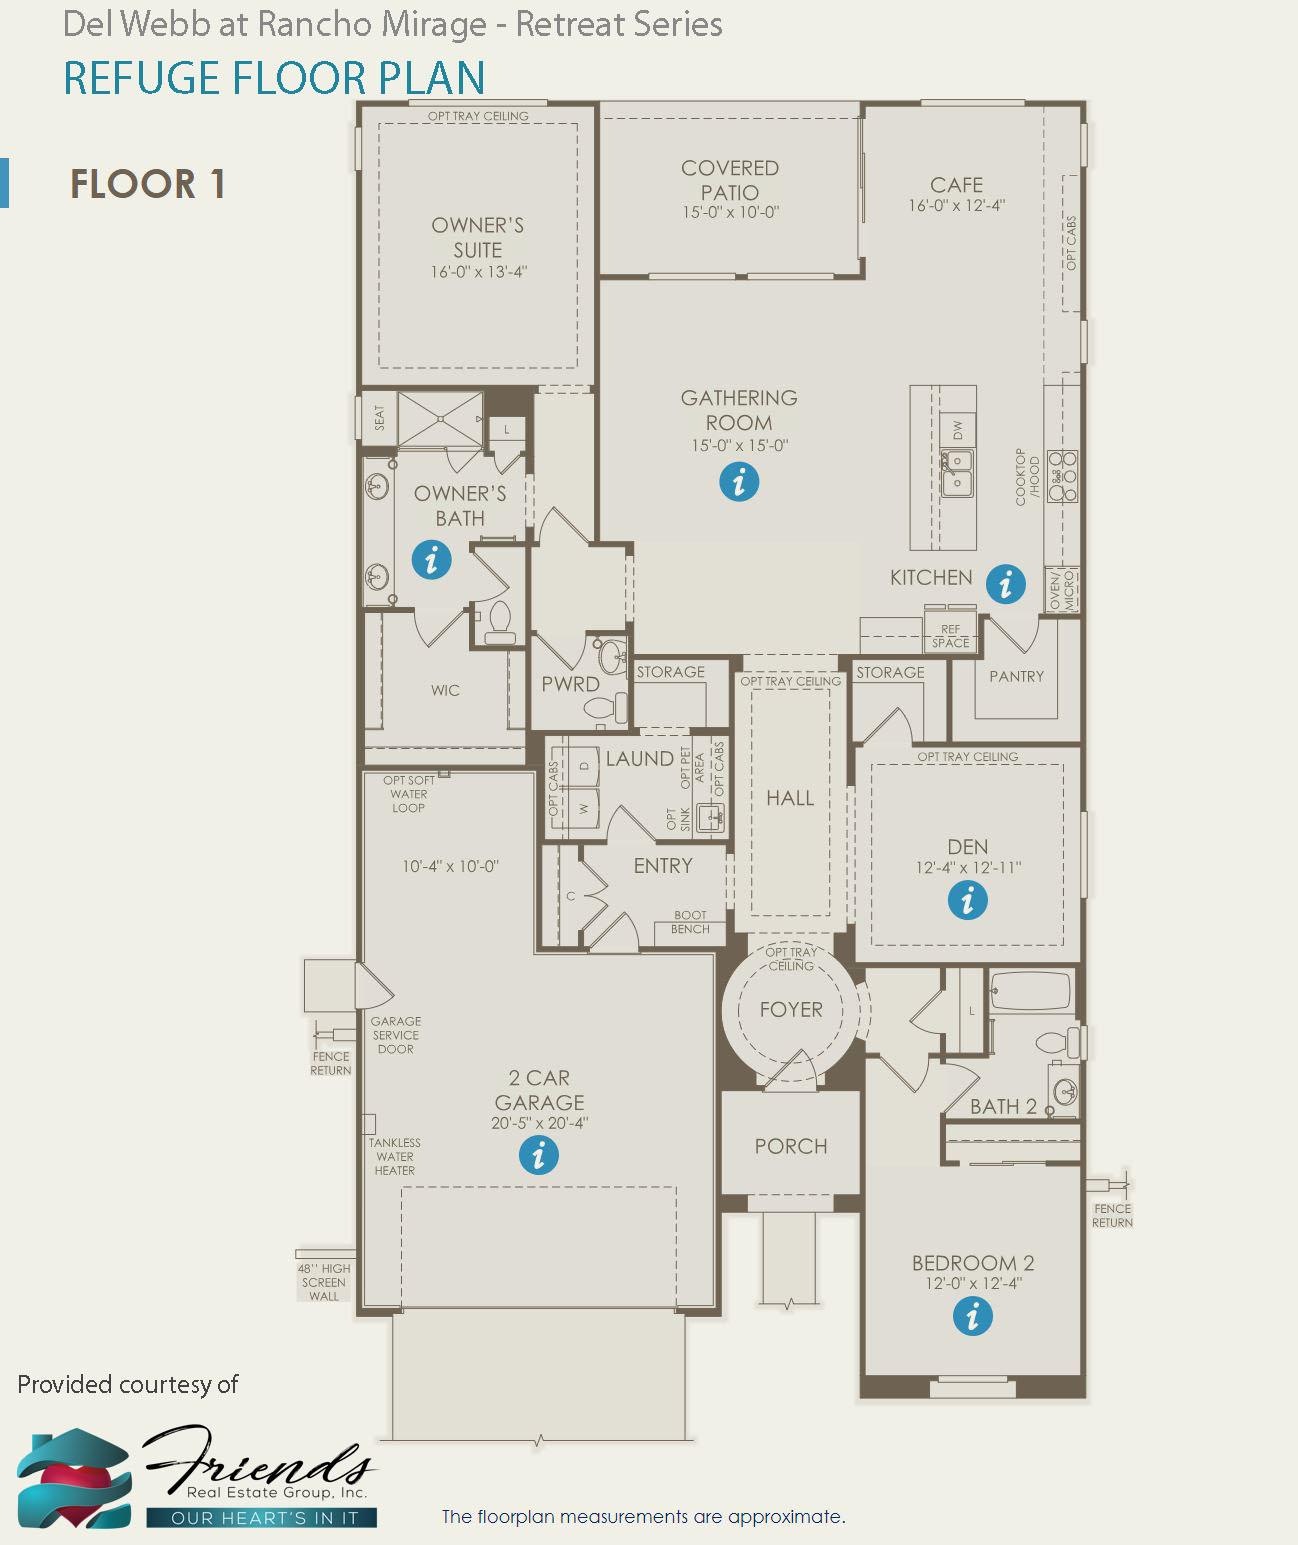 Retreat Series ~ Refuge Floor Plan